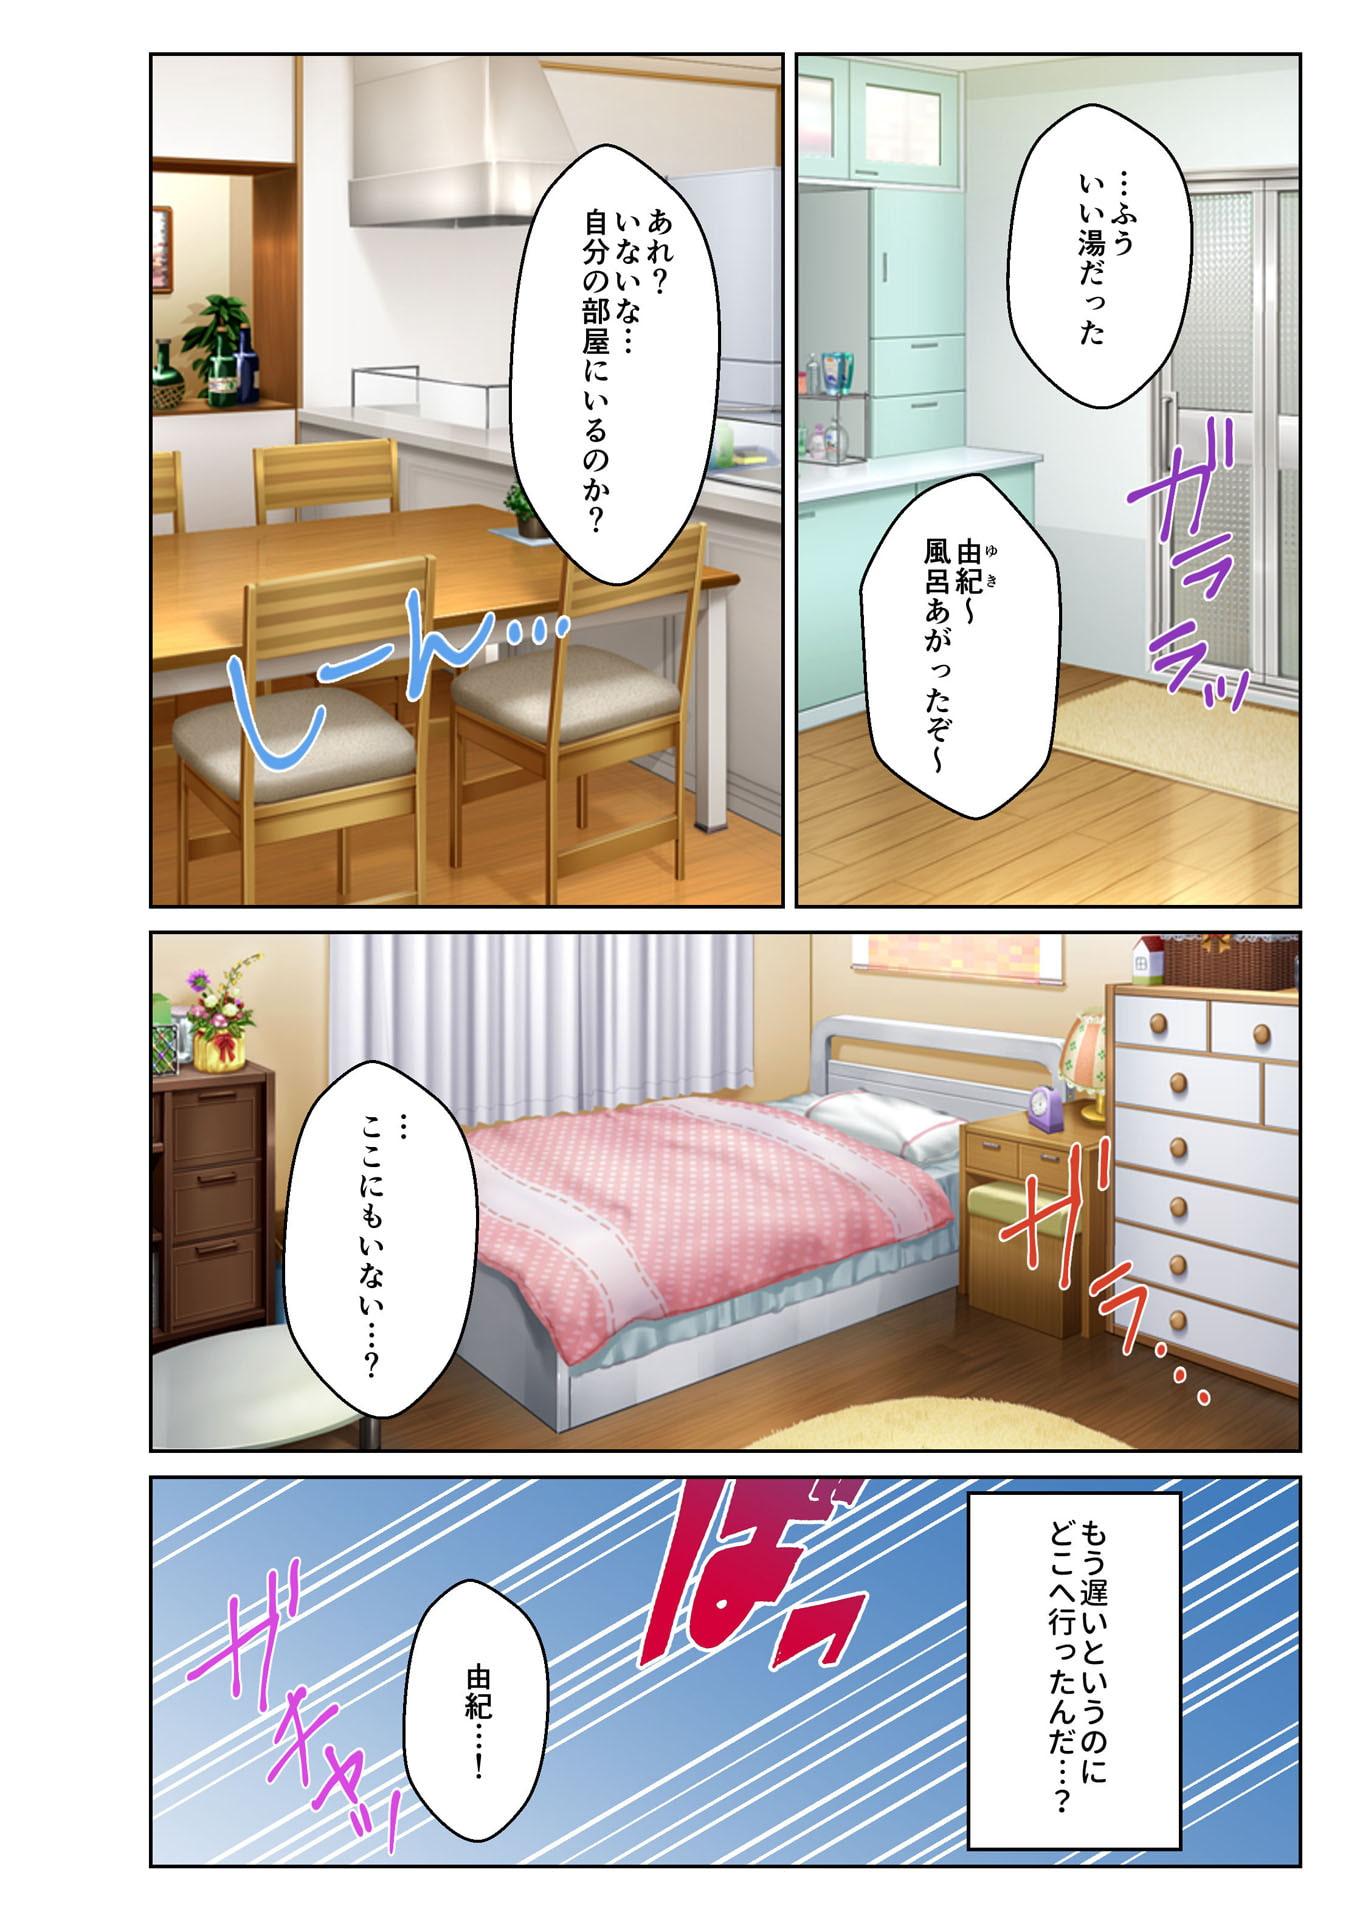 義娘寝取り ~嫌がるJKに強制挿入~(2) フルカラーコミック版